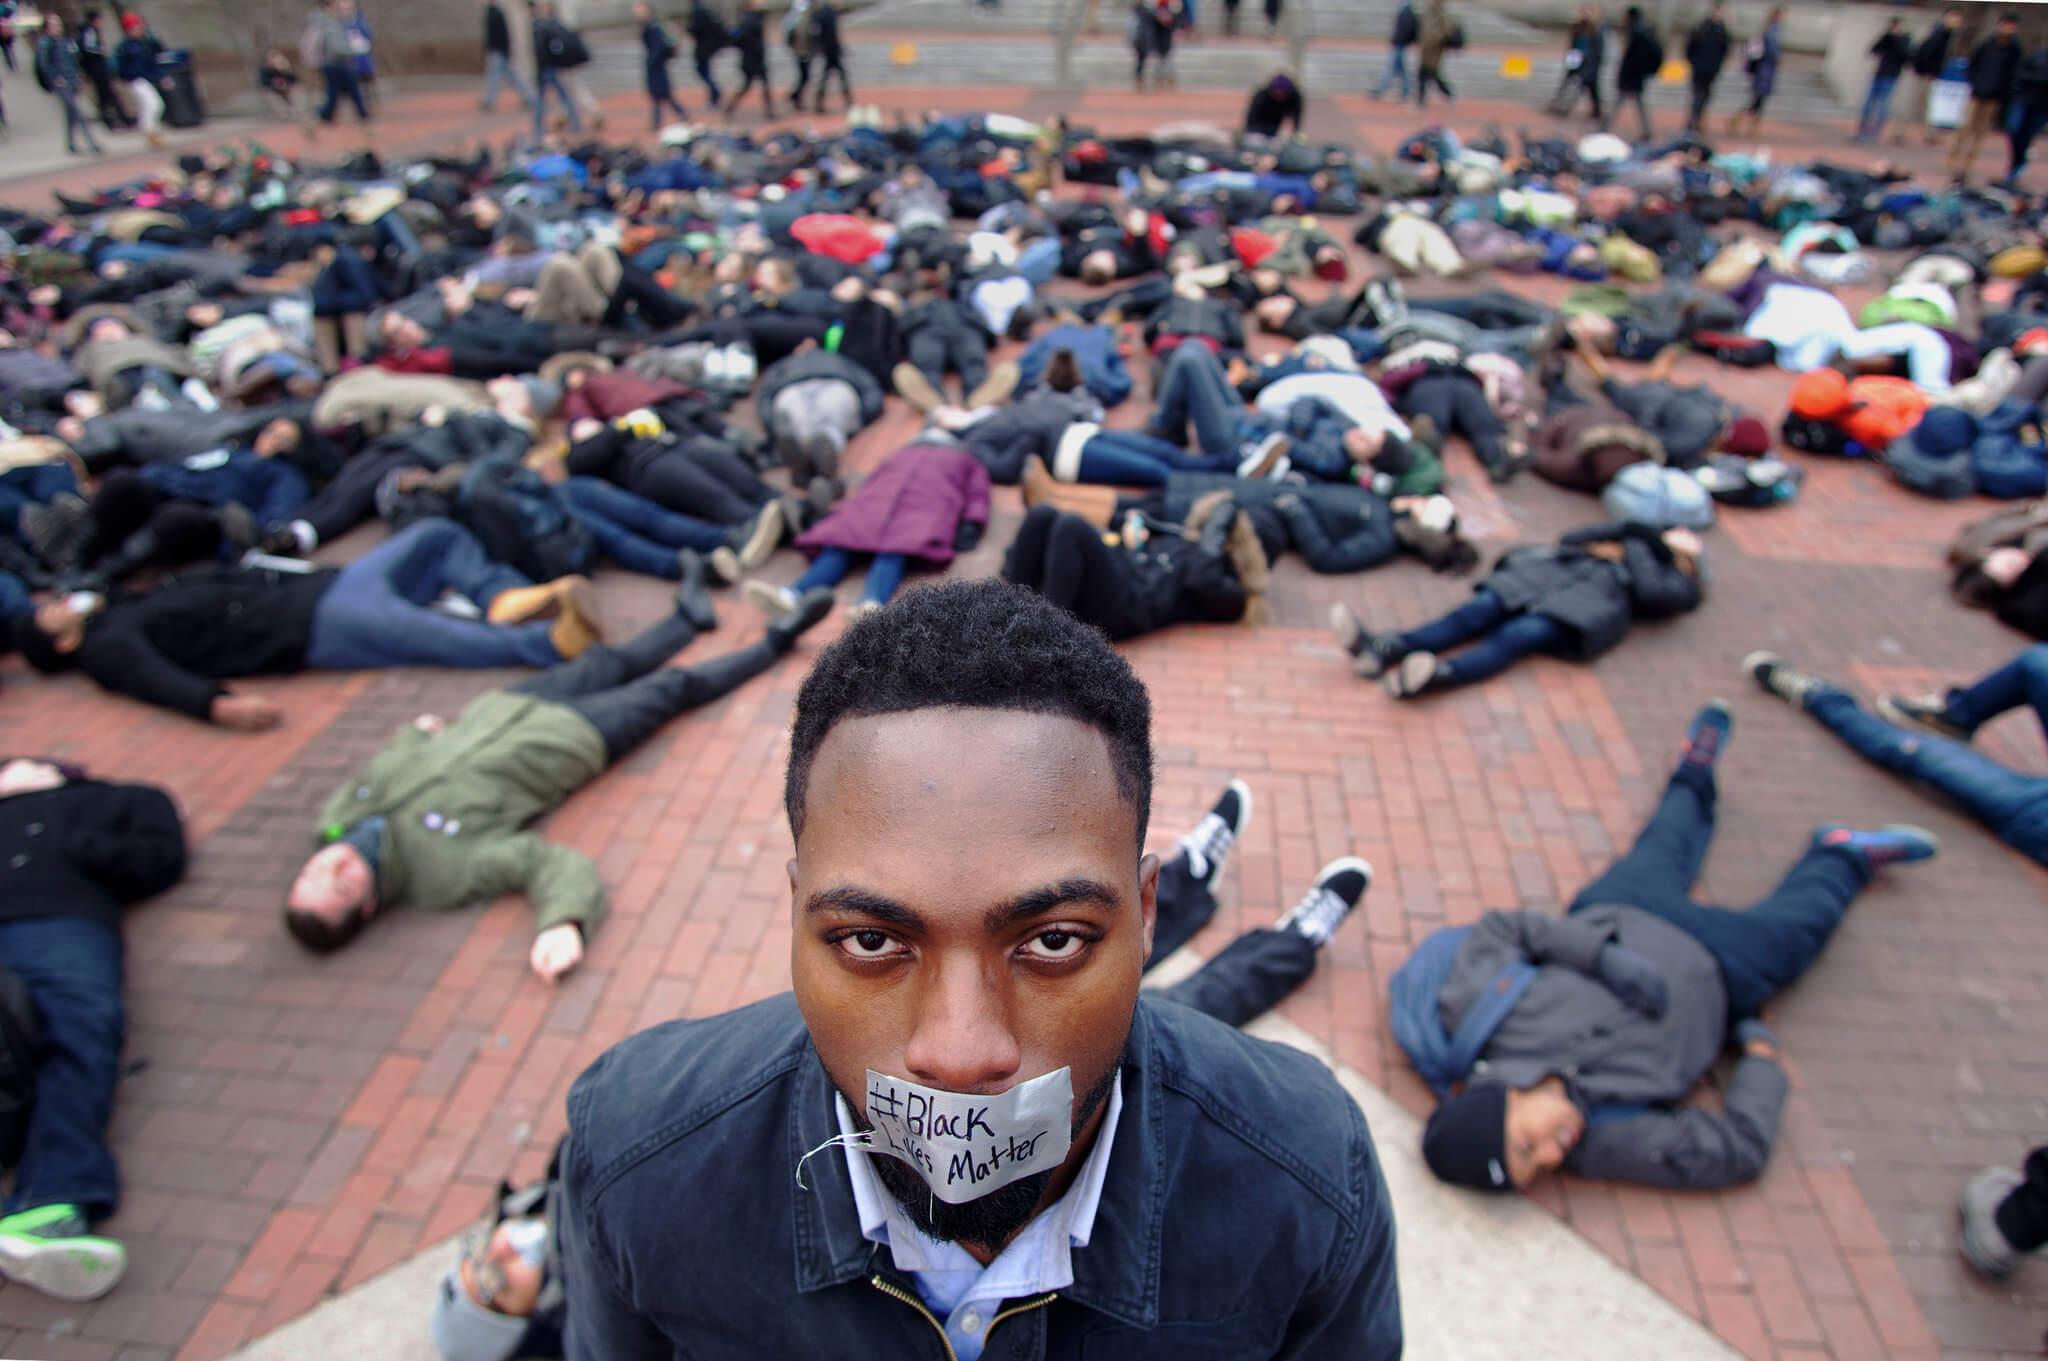 Movimento BlackLivesMatter VidasNegrasImportam 2